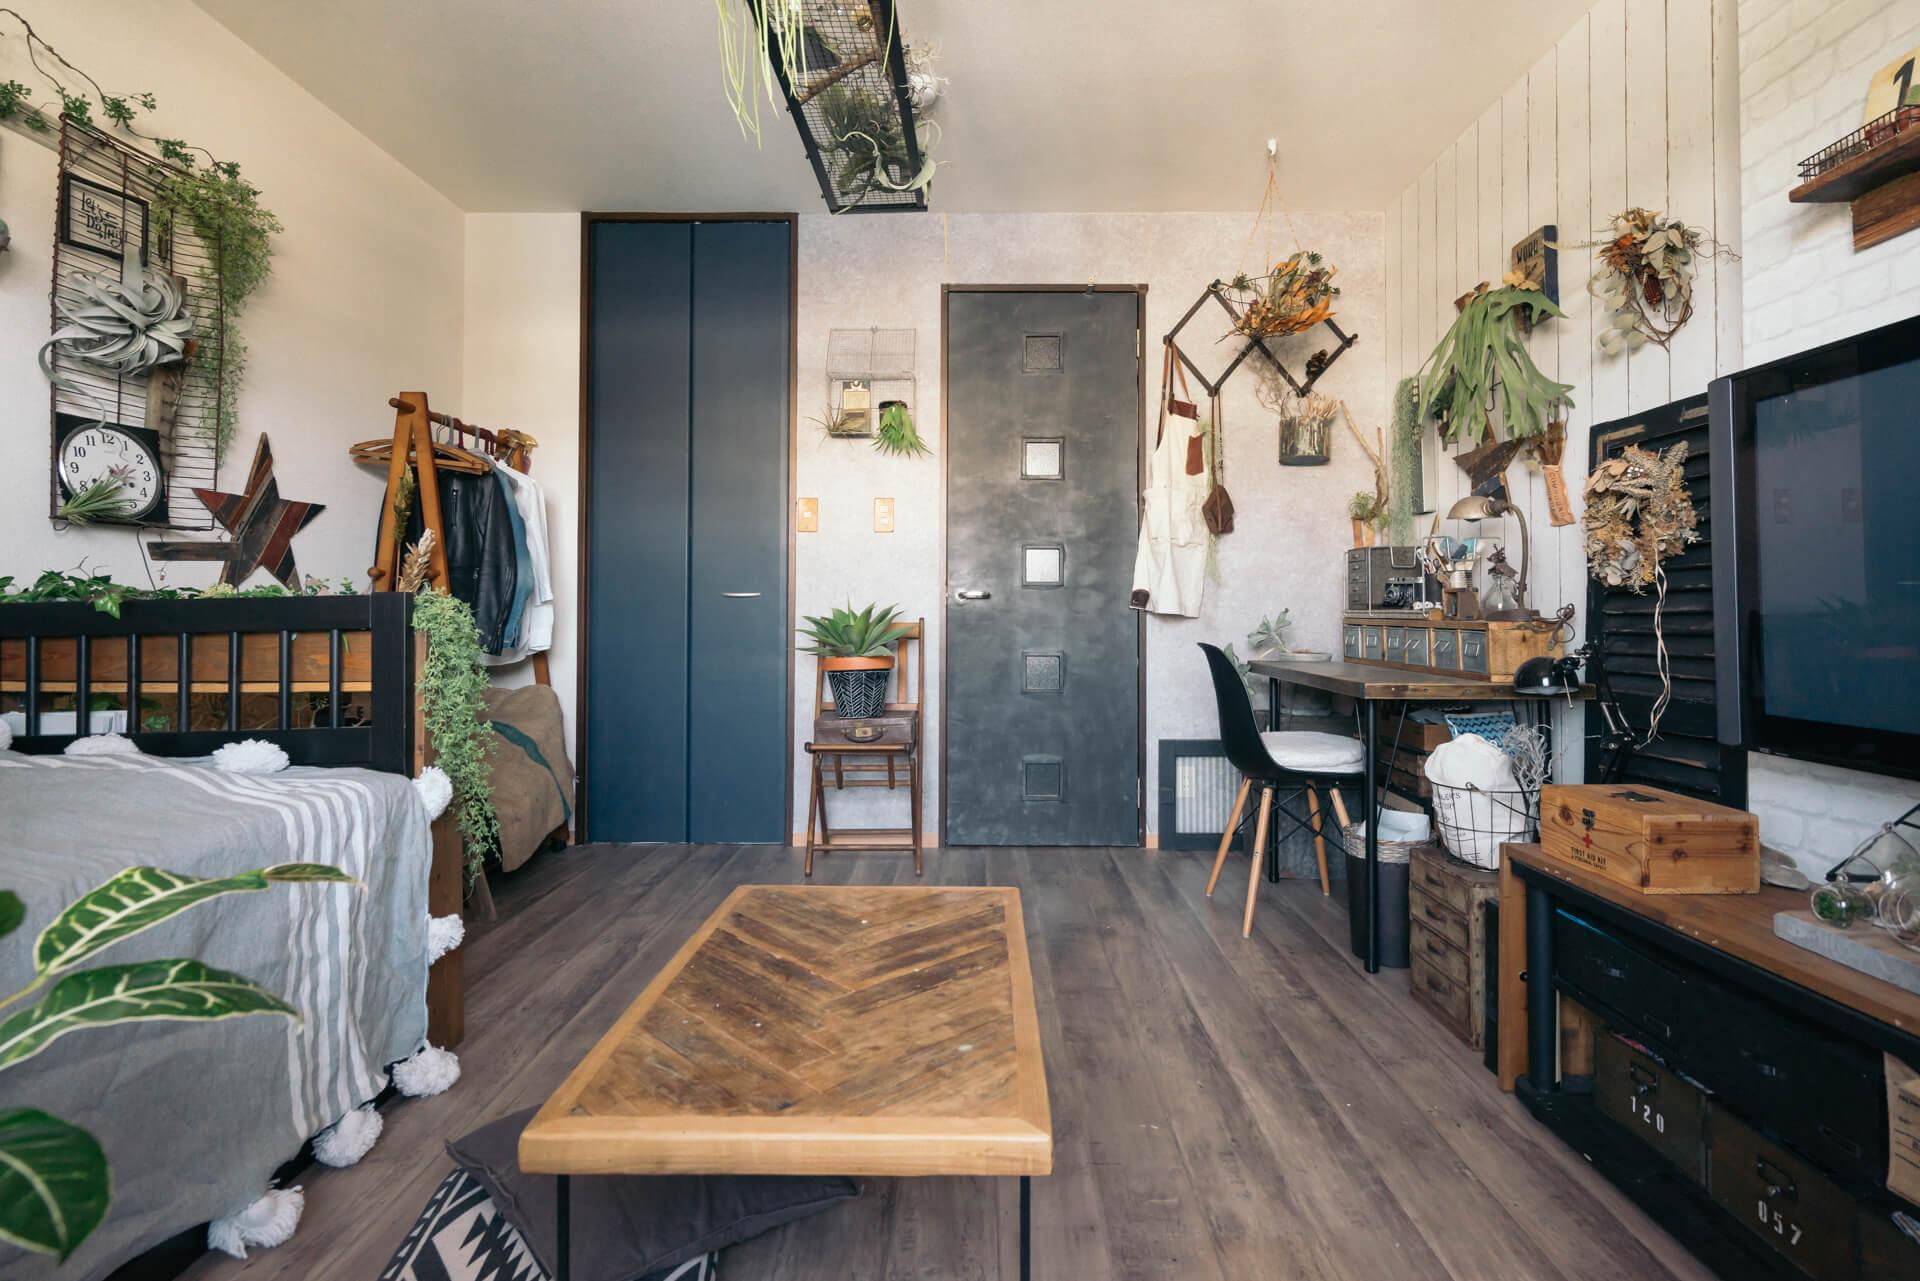 ベランダ側から。床、壁、ドア、それにクローゼットの扉まで、すべてはがせる壁紙やクッションフロアでカスタマイズ。テイストが揃っているから、ちぐはぐにはなりません。